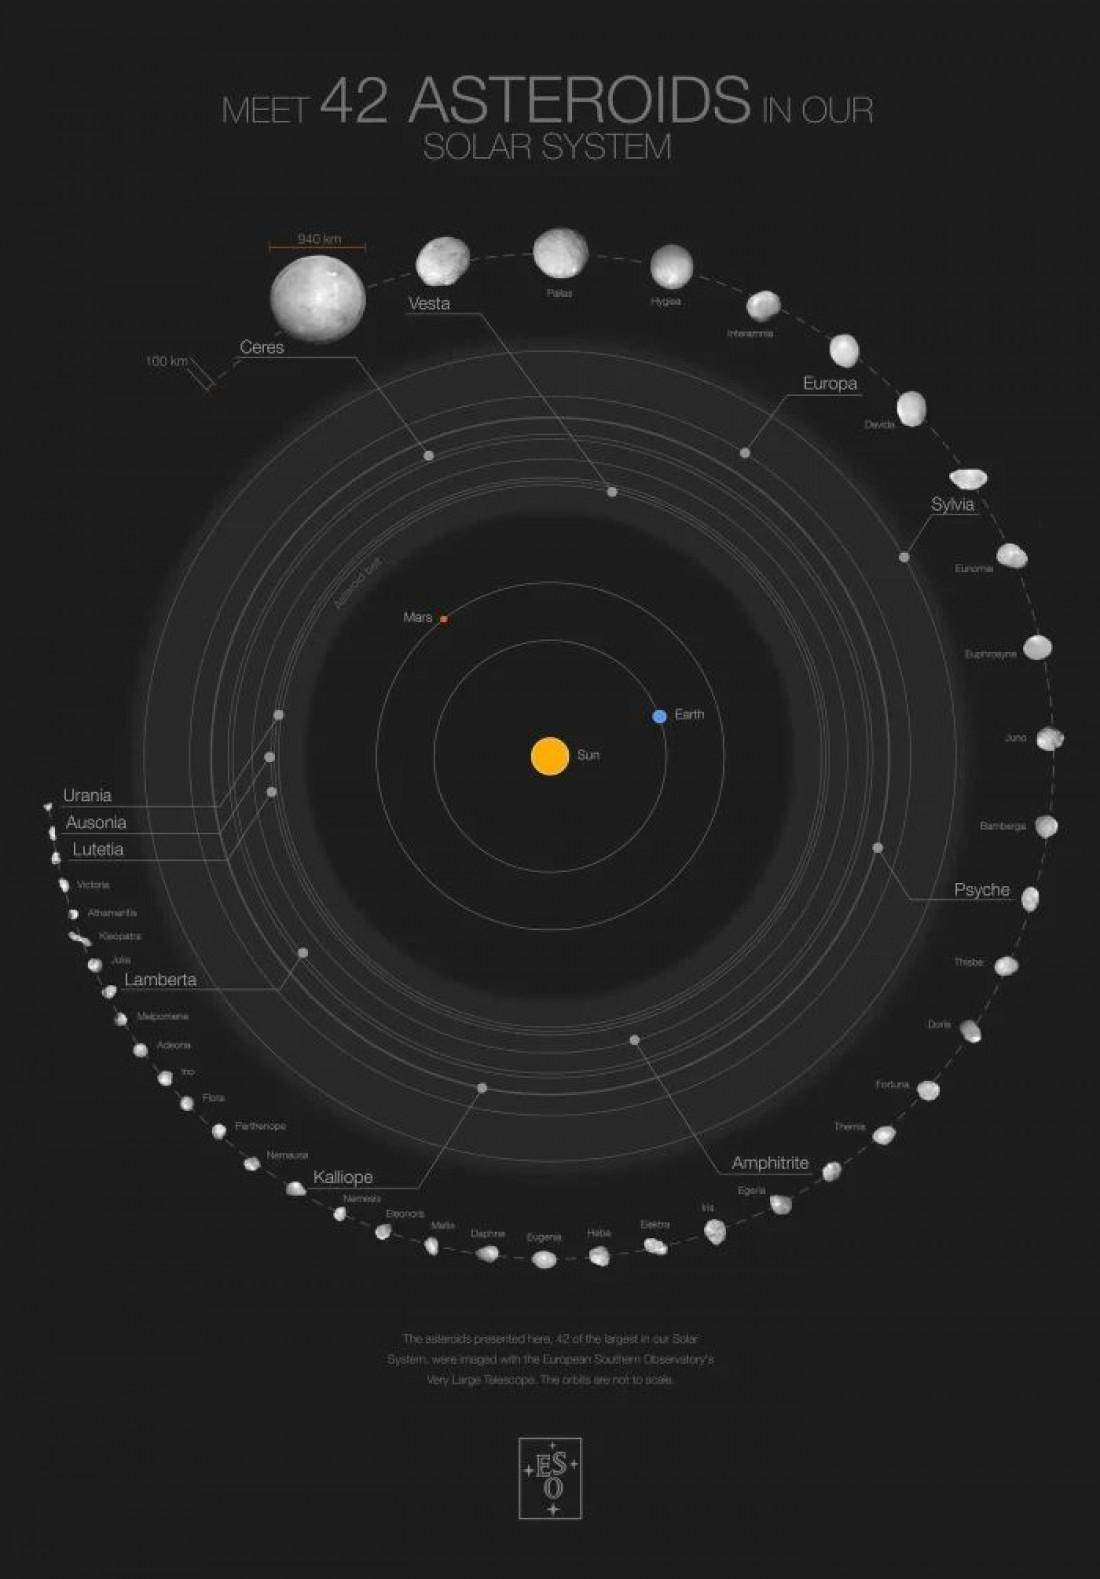 Плакат с изображением 42 астероидов и их орбит